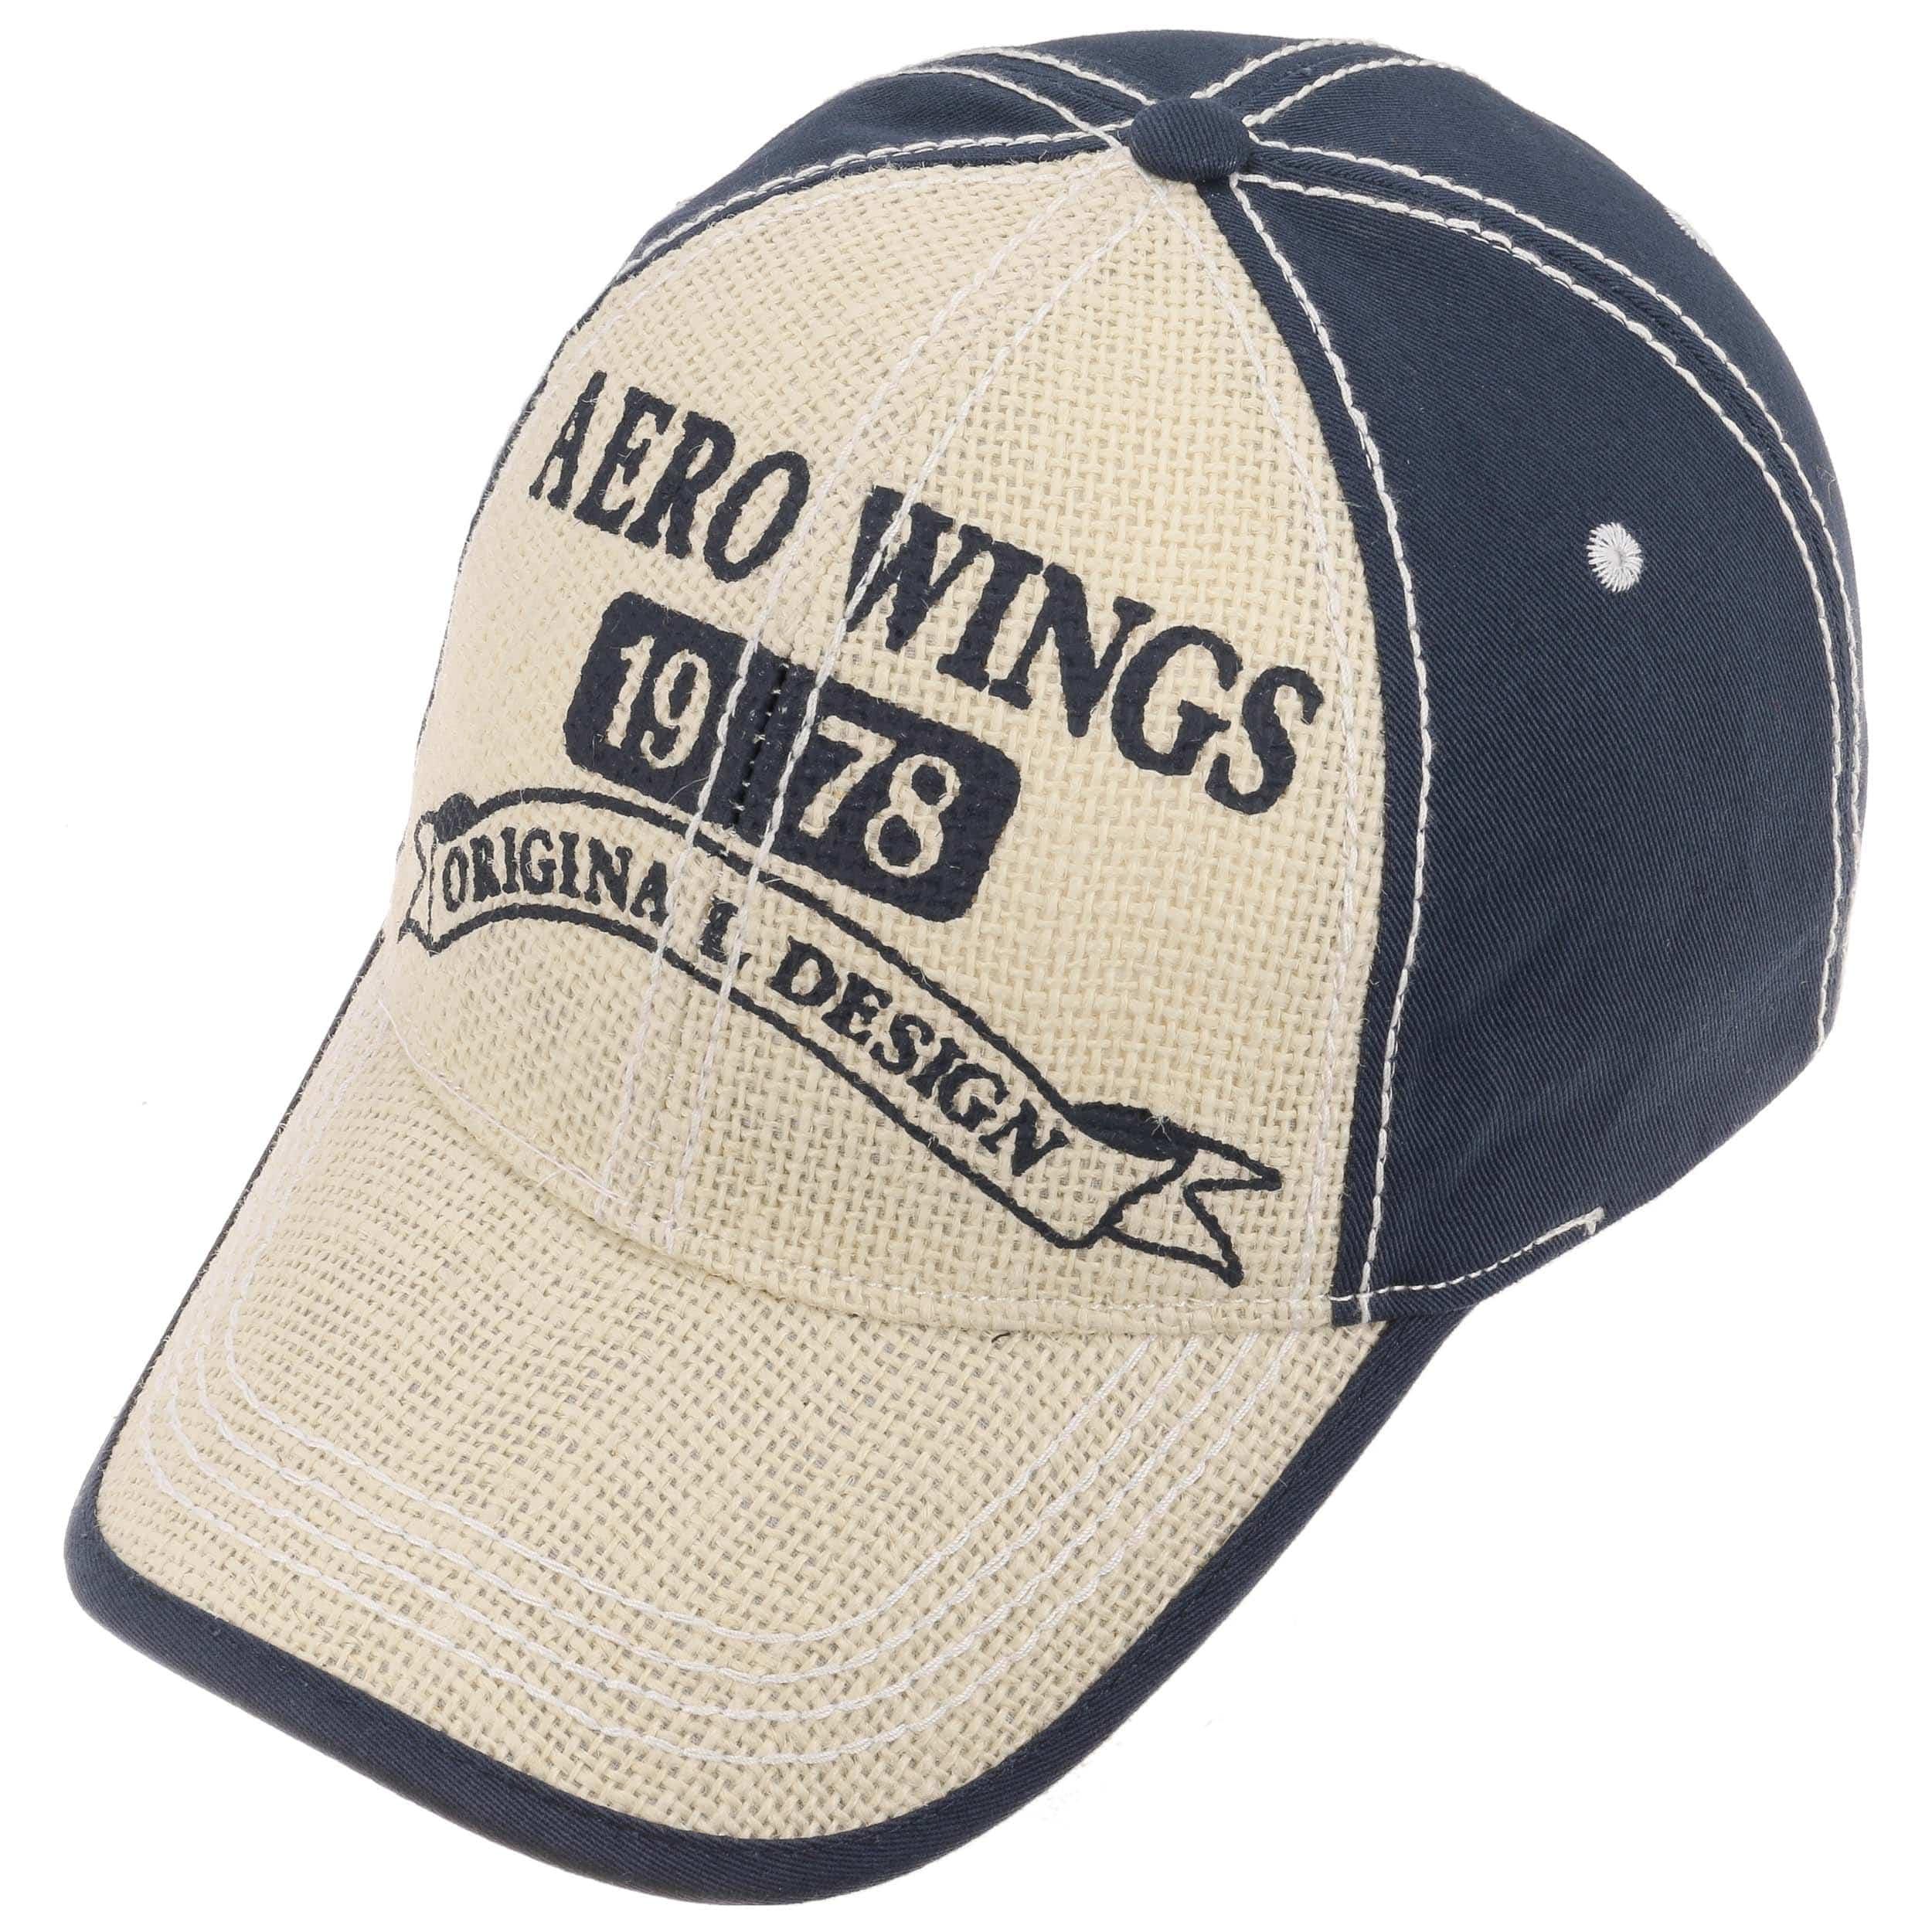 63b1cf02eea31 Gorra de Béisbol Aero Wings by Lipodo - Gorras - sombreroshop.es